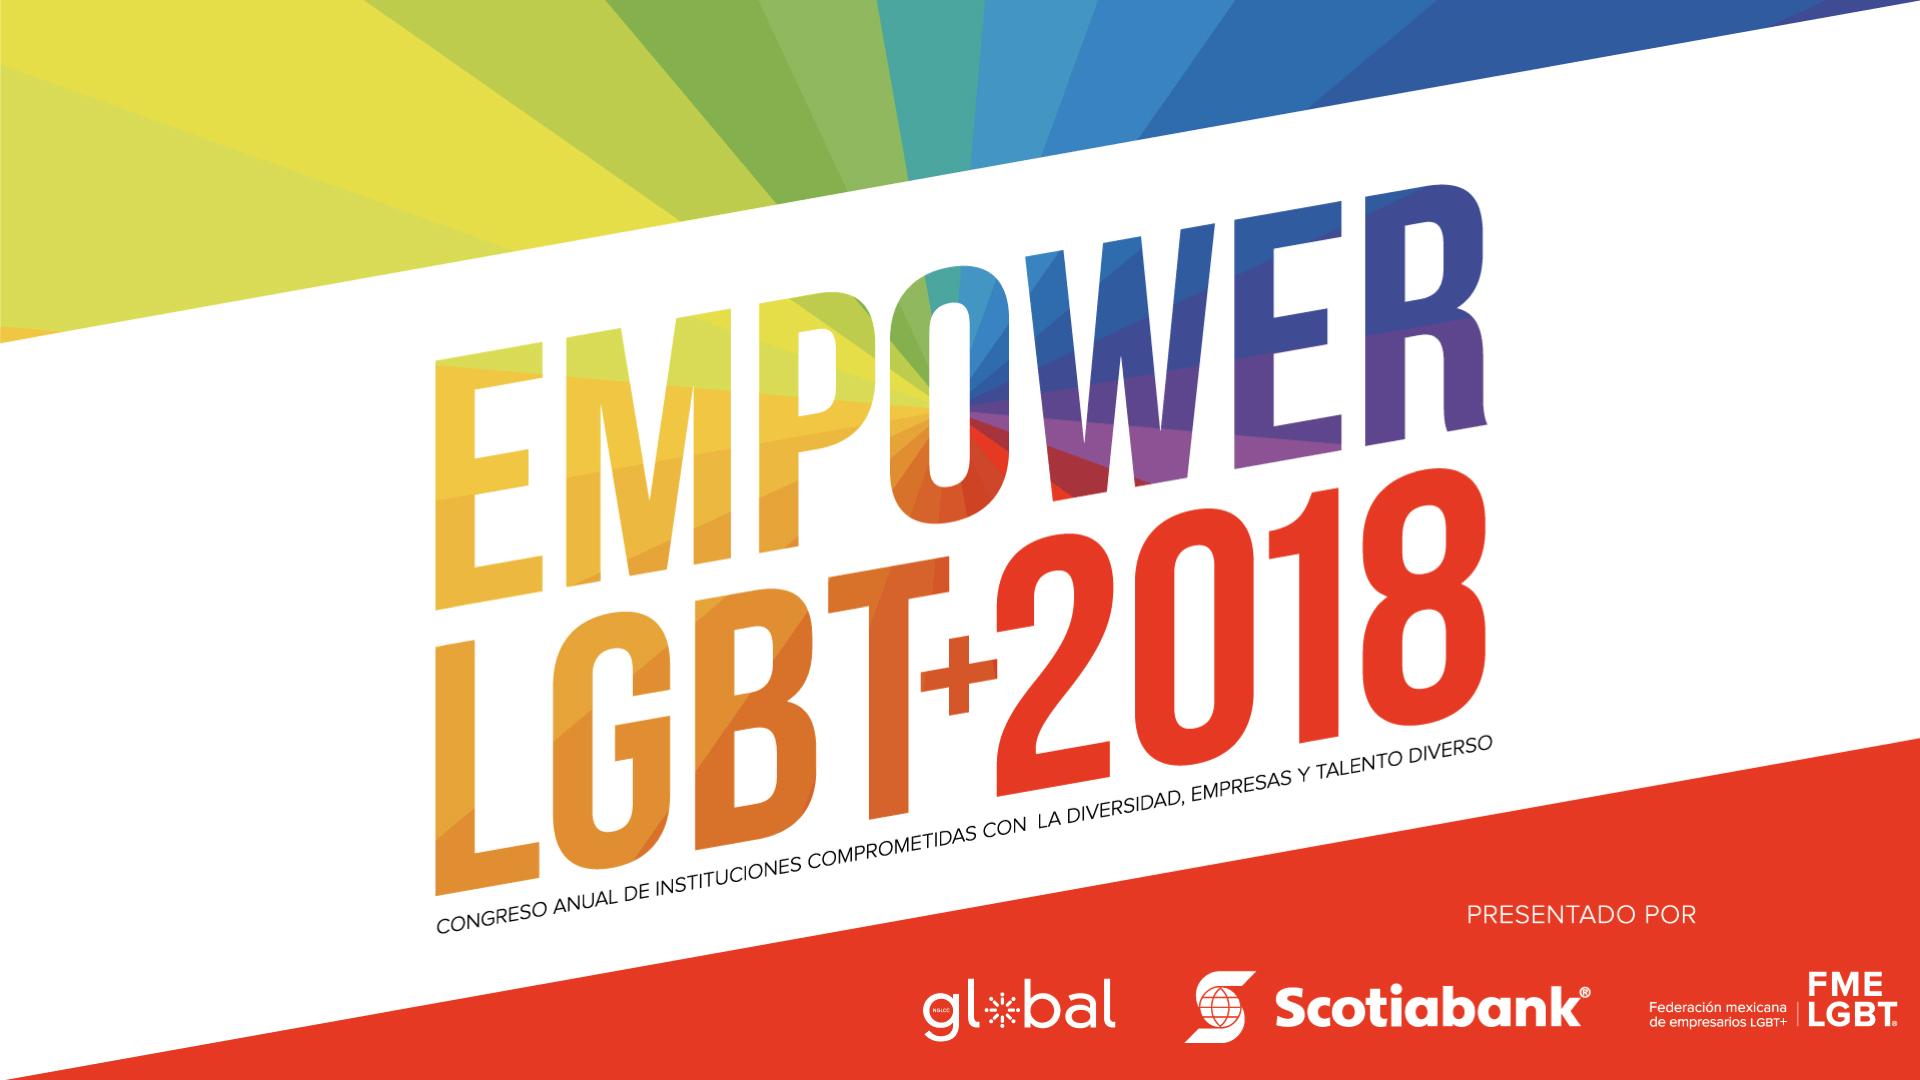 Empower LGBT+2018